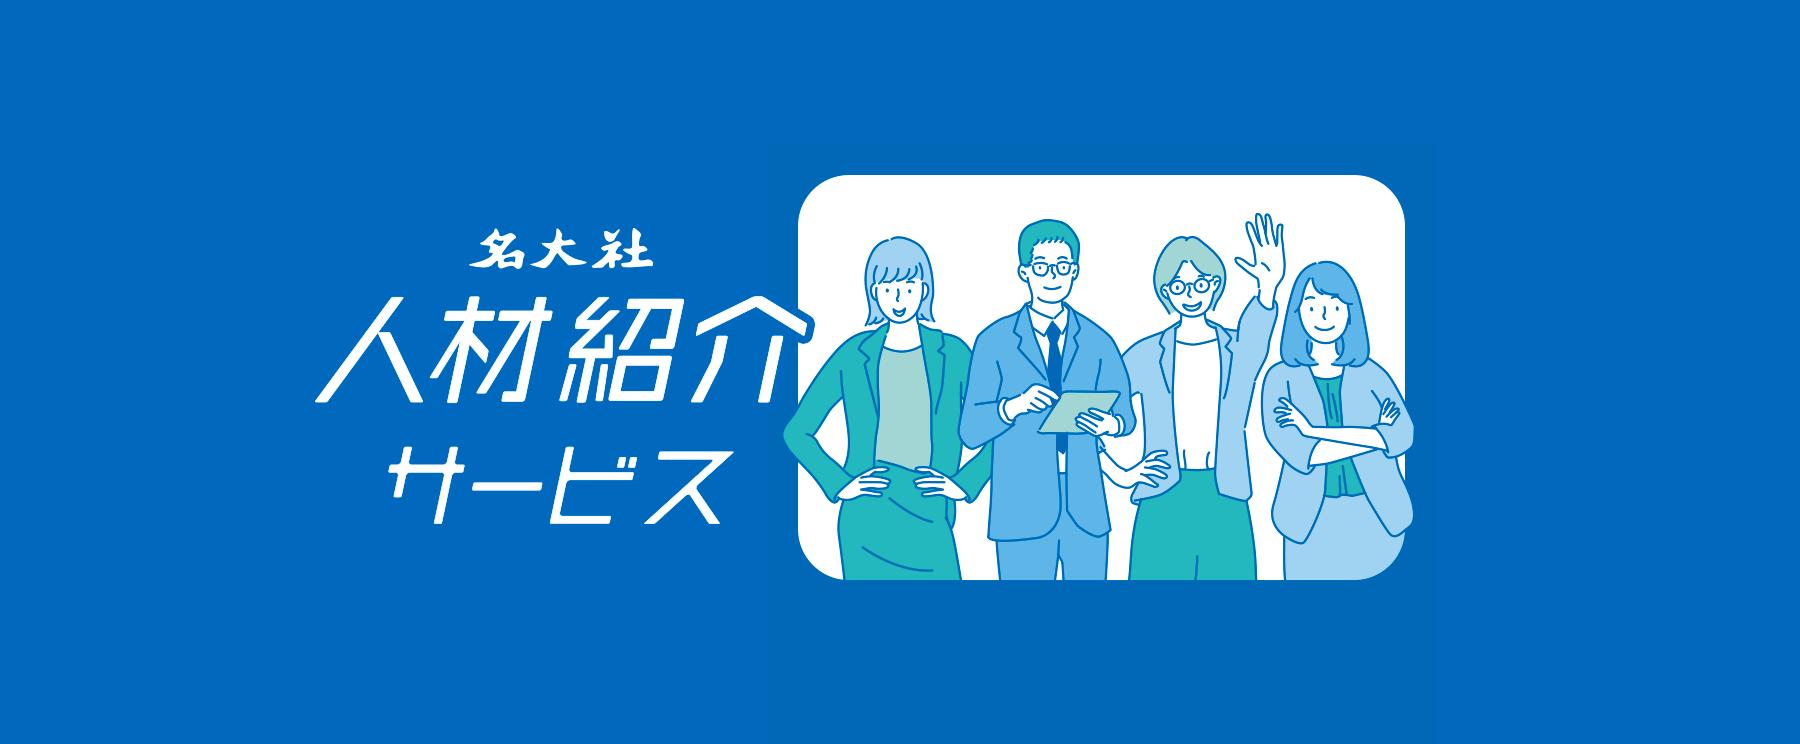 転職エージェント(人材紹介サービス)